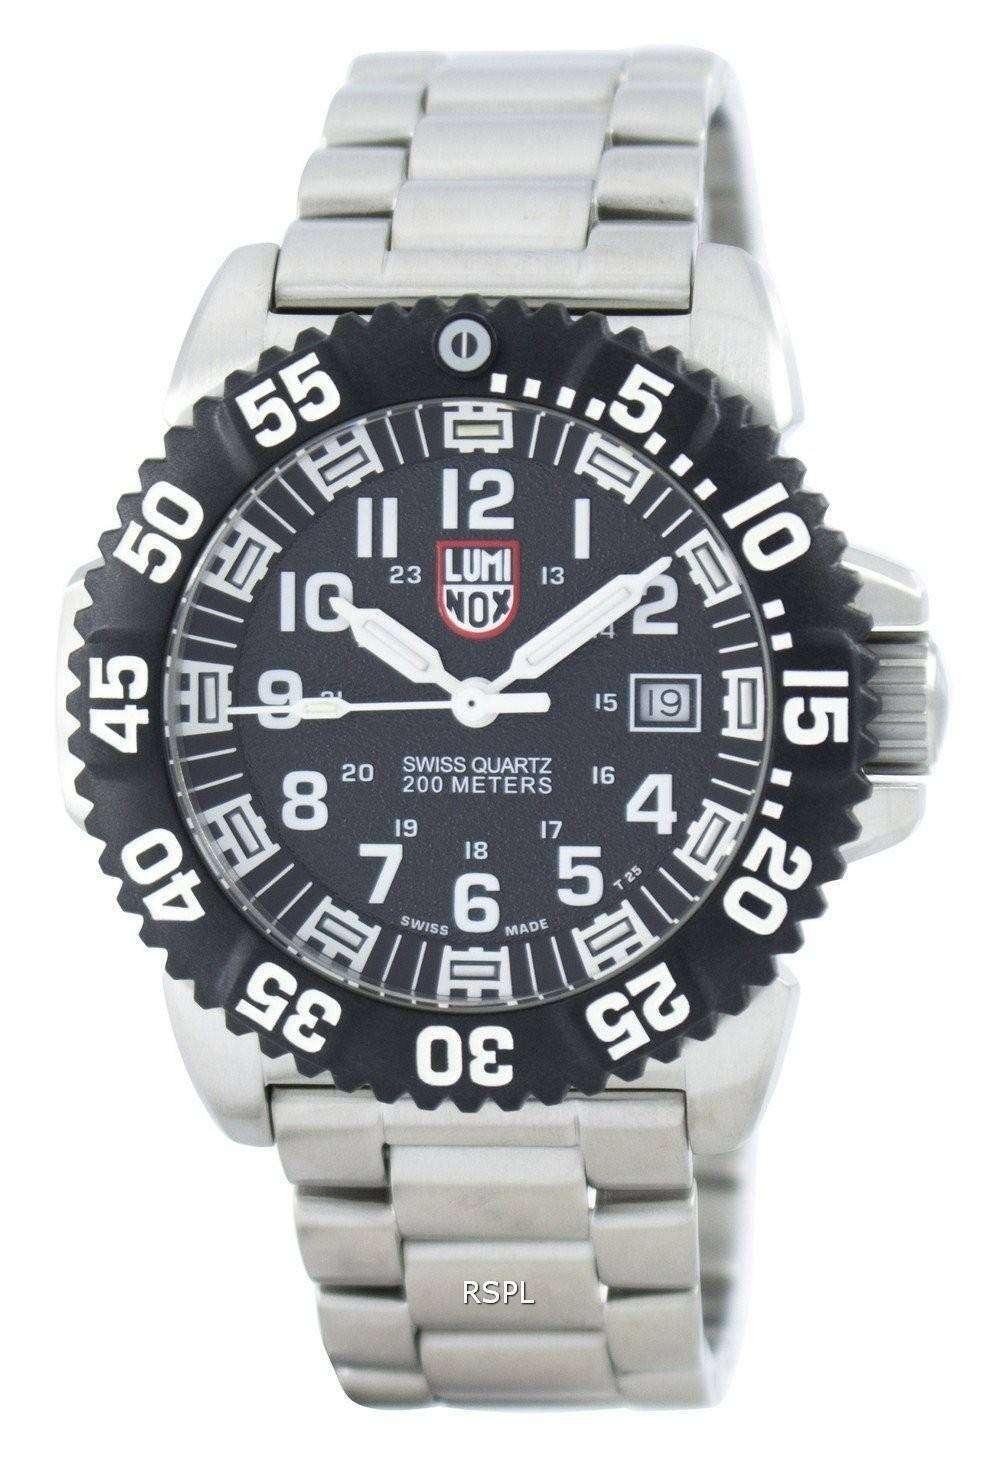 ルミノックス海海軍シール スティール カラーマーク 3150 シリーズ スイス製クォーツ 200 M XS.3152.NV メンズ腕時計